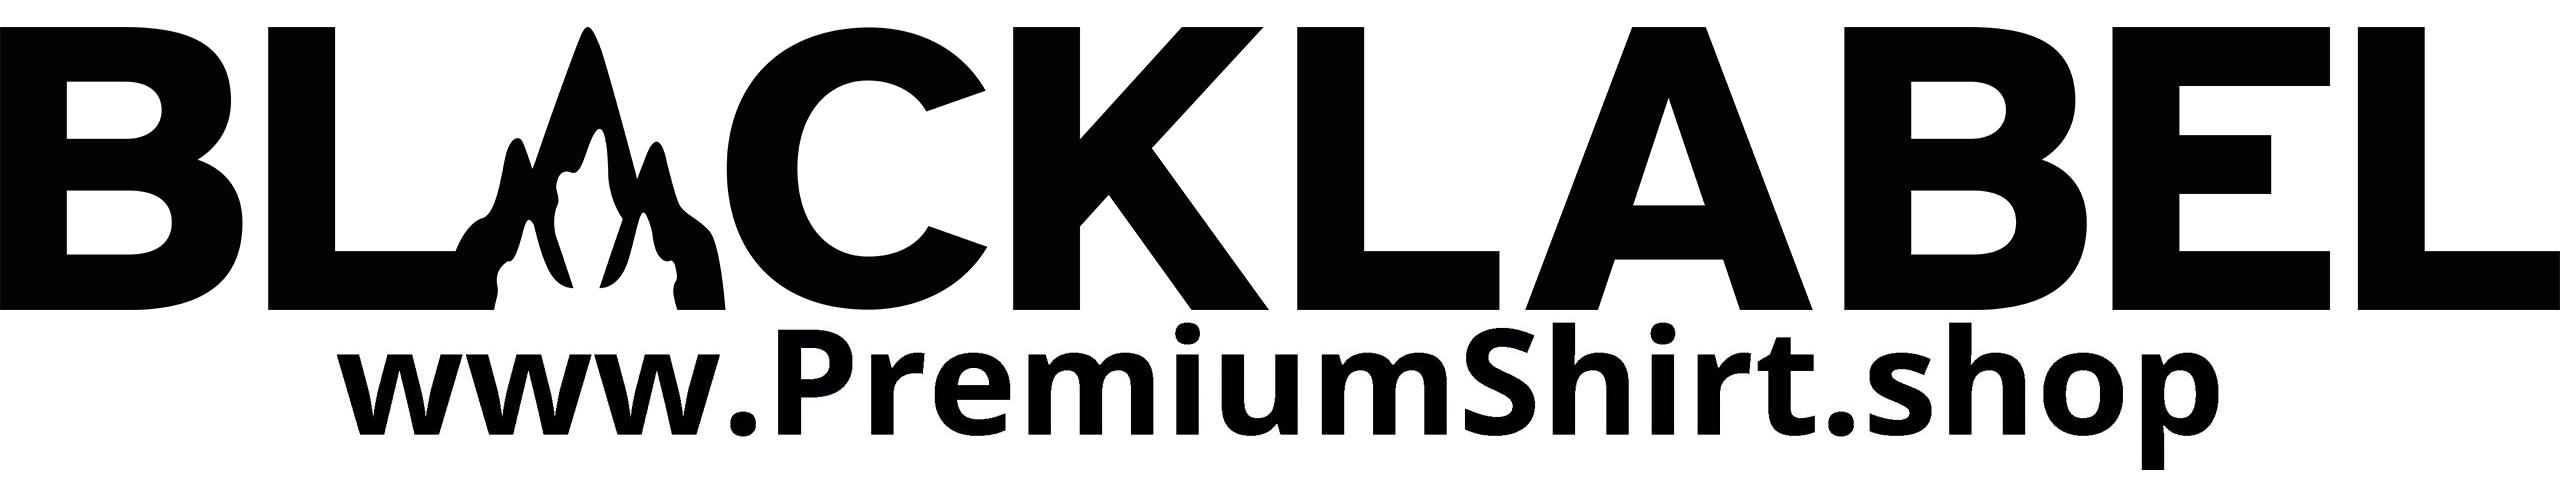 PremiumShirt.shop